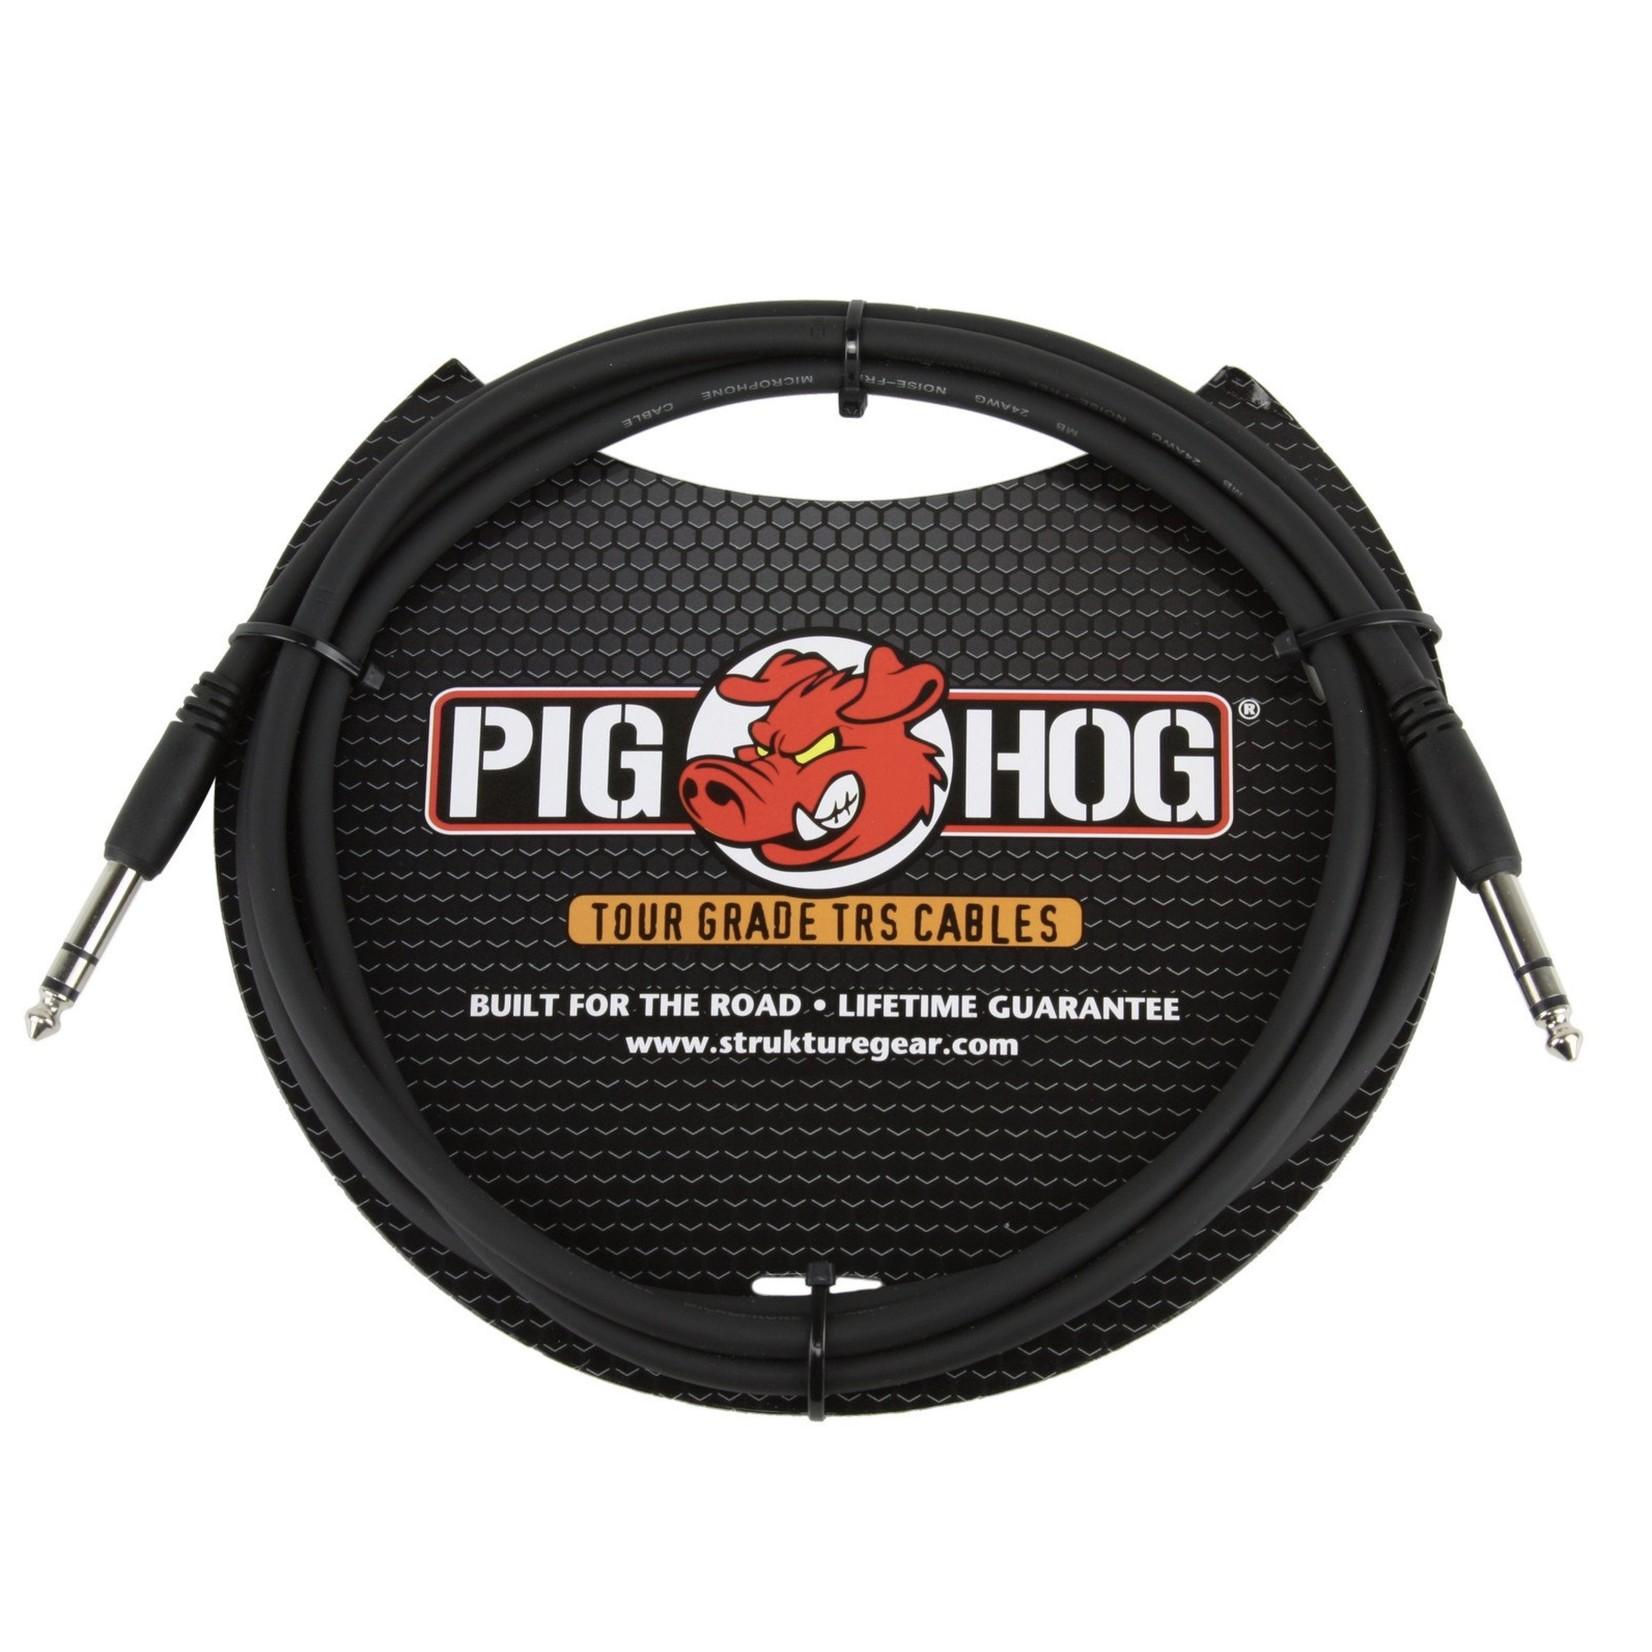 """Pig Hog Pig Hog Tour Grade 6-foot, 8mm, balanced 1/4"""" TRS - 1/4"""" TRS Cable, Black (PTRS06)"""